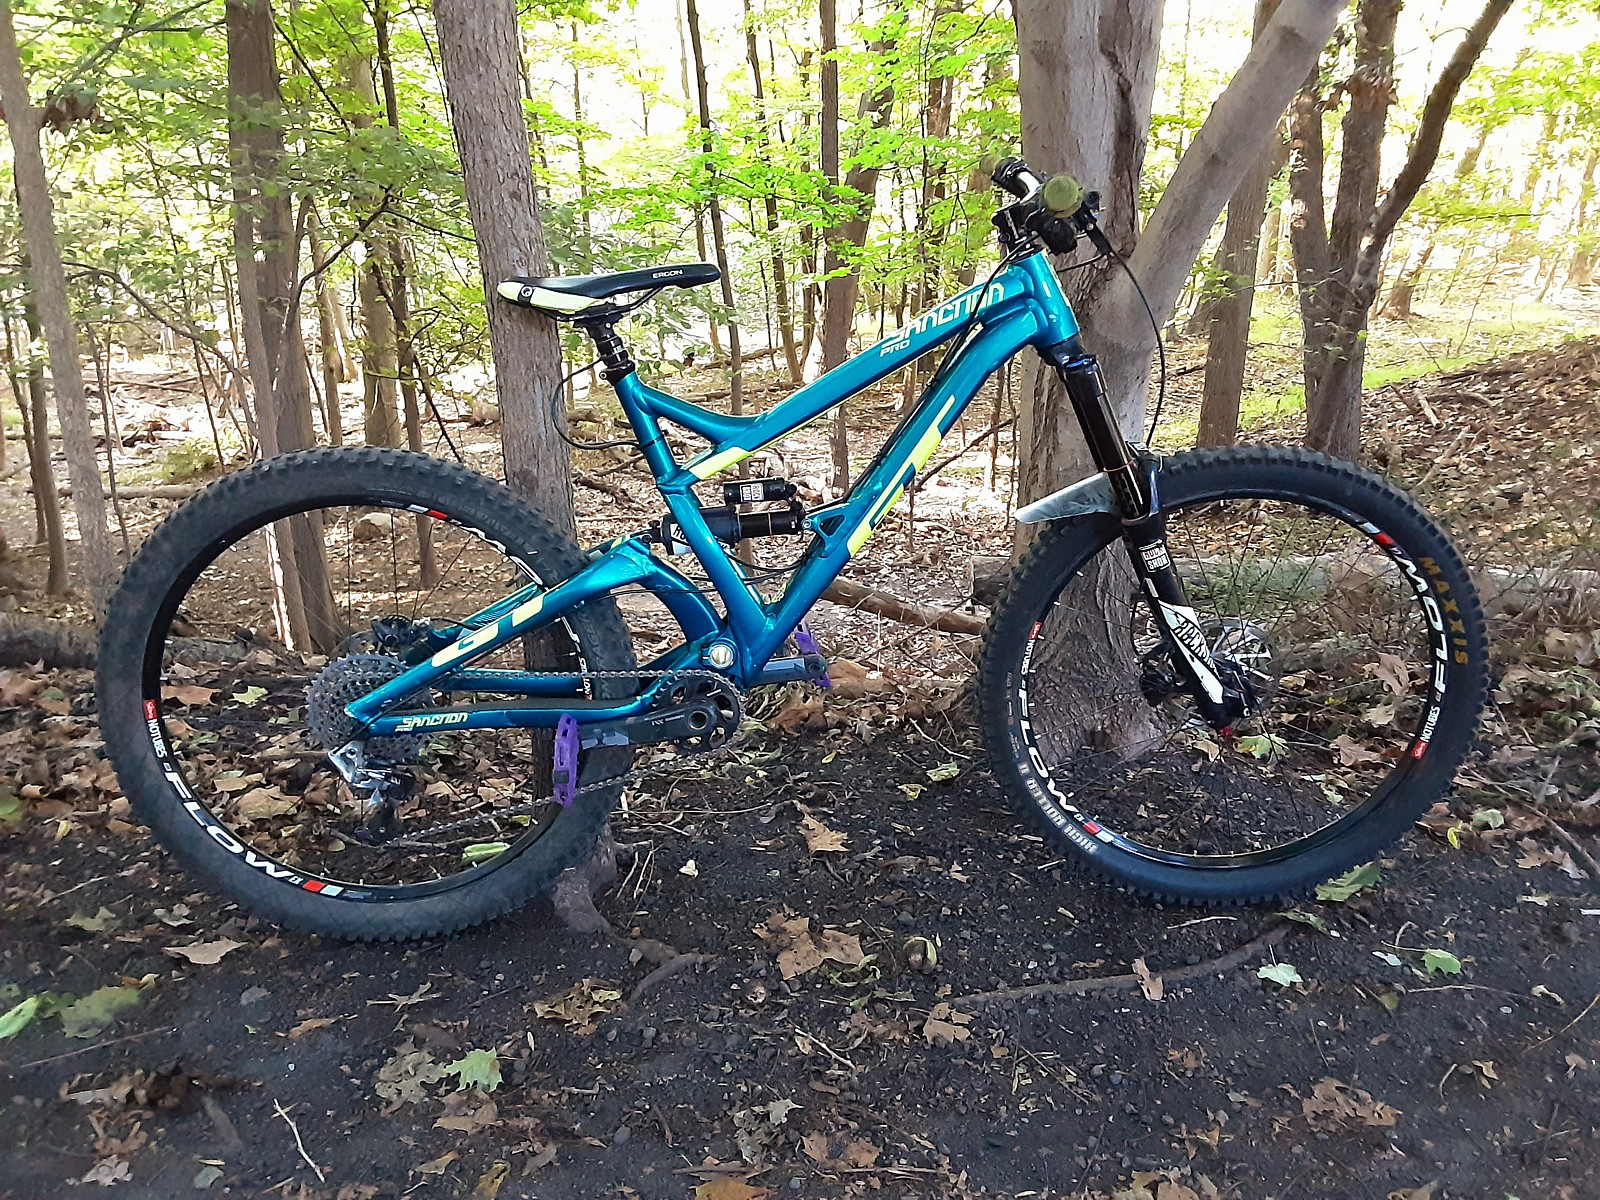 GT sanction - Hazmat - Mountain Biking Pictures - Vital MTB